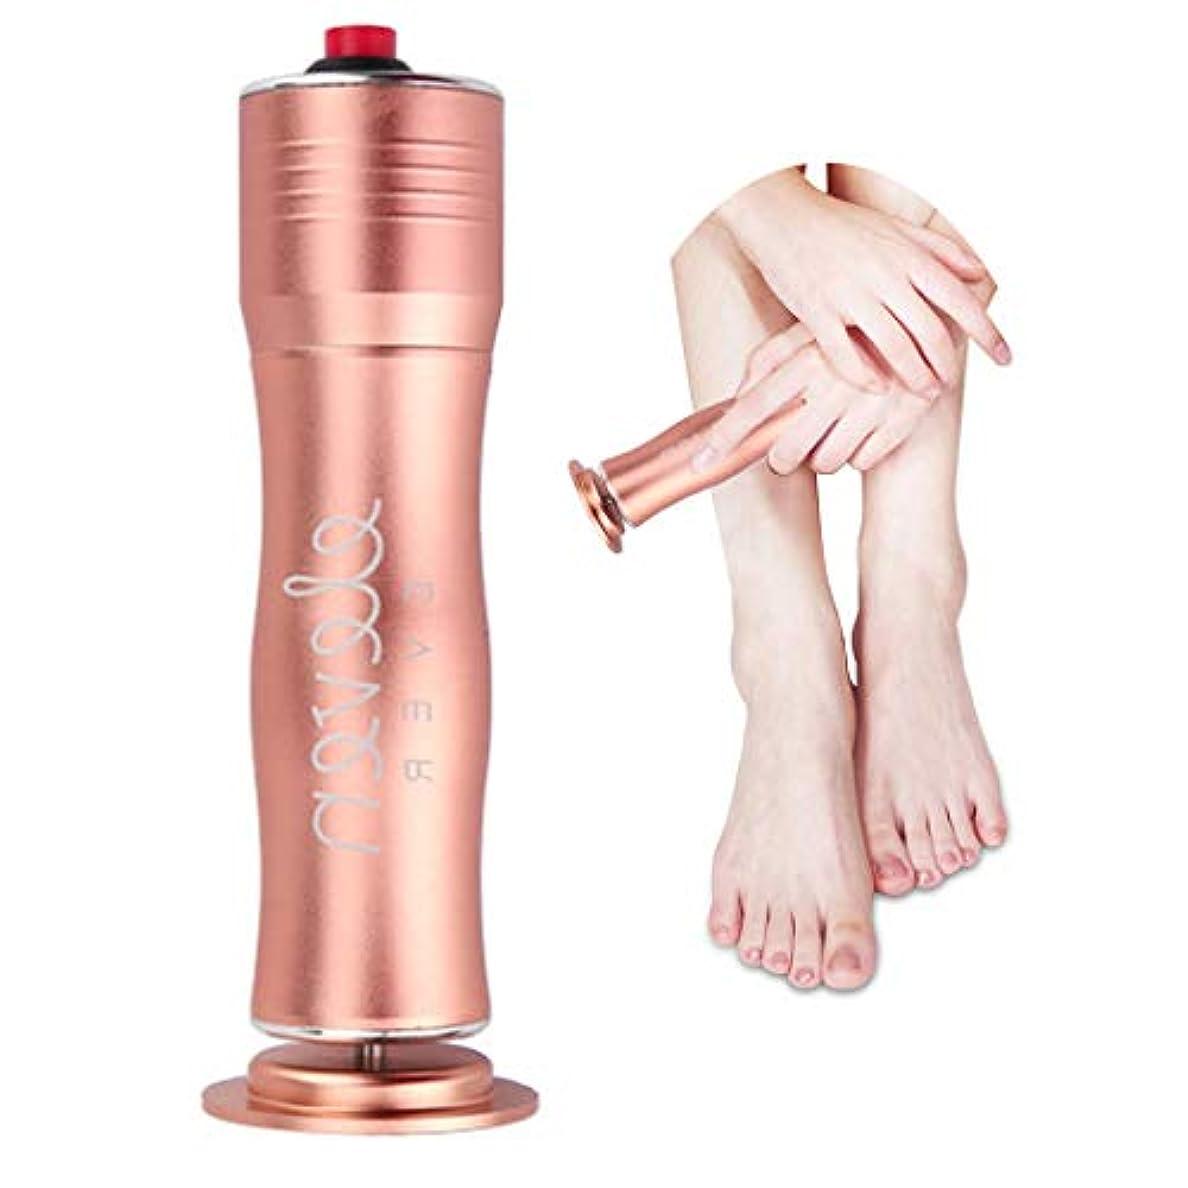 忙しい加速する安らぎ電動角質リムーバー 角質取り スピーディに足の角質を除去可能 速度調節可能 清潔的 衛生的な足部ケア道具 磨足器 ペディキュアマシン 使い捨てのサンドペーパー付き 男女兼用